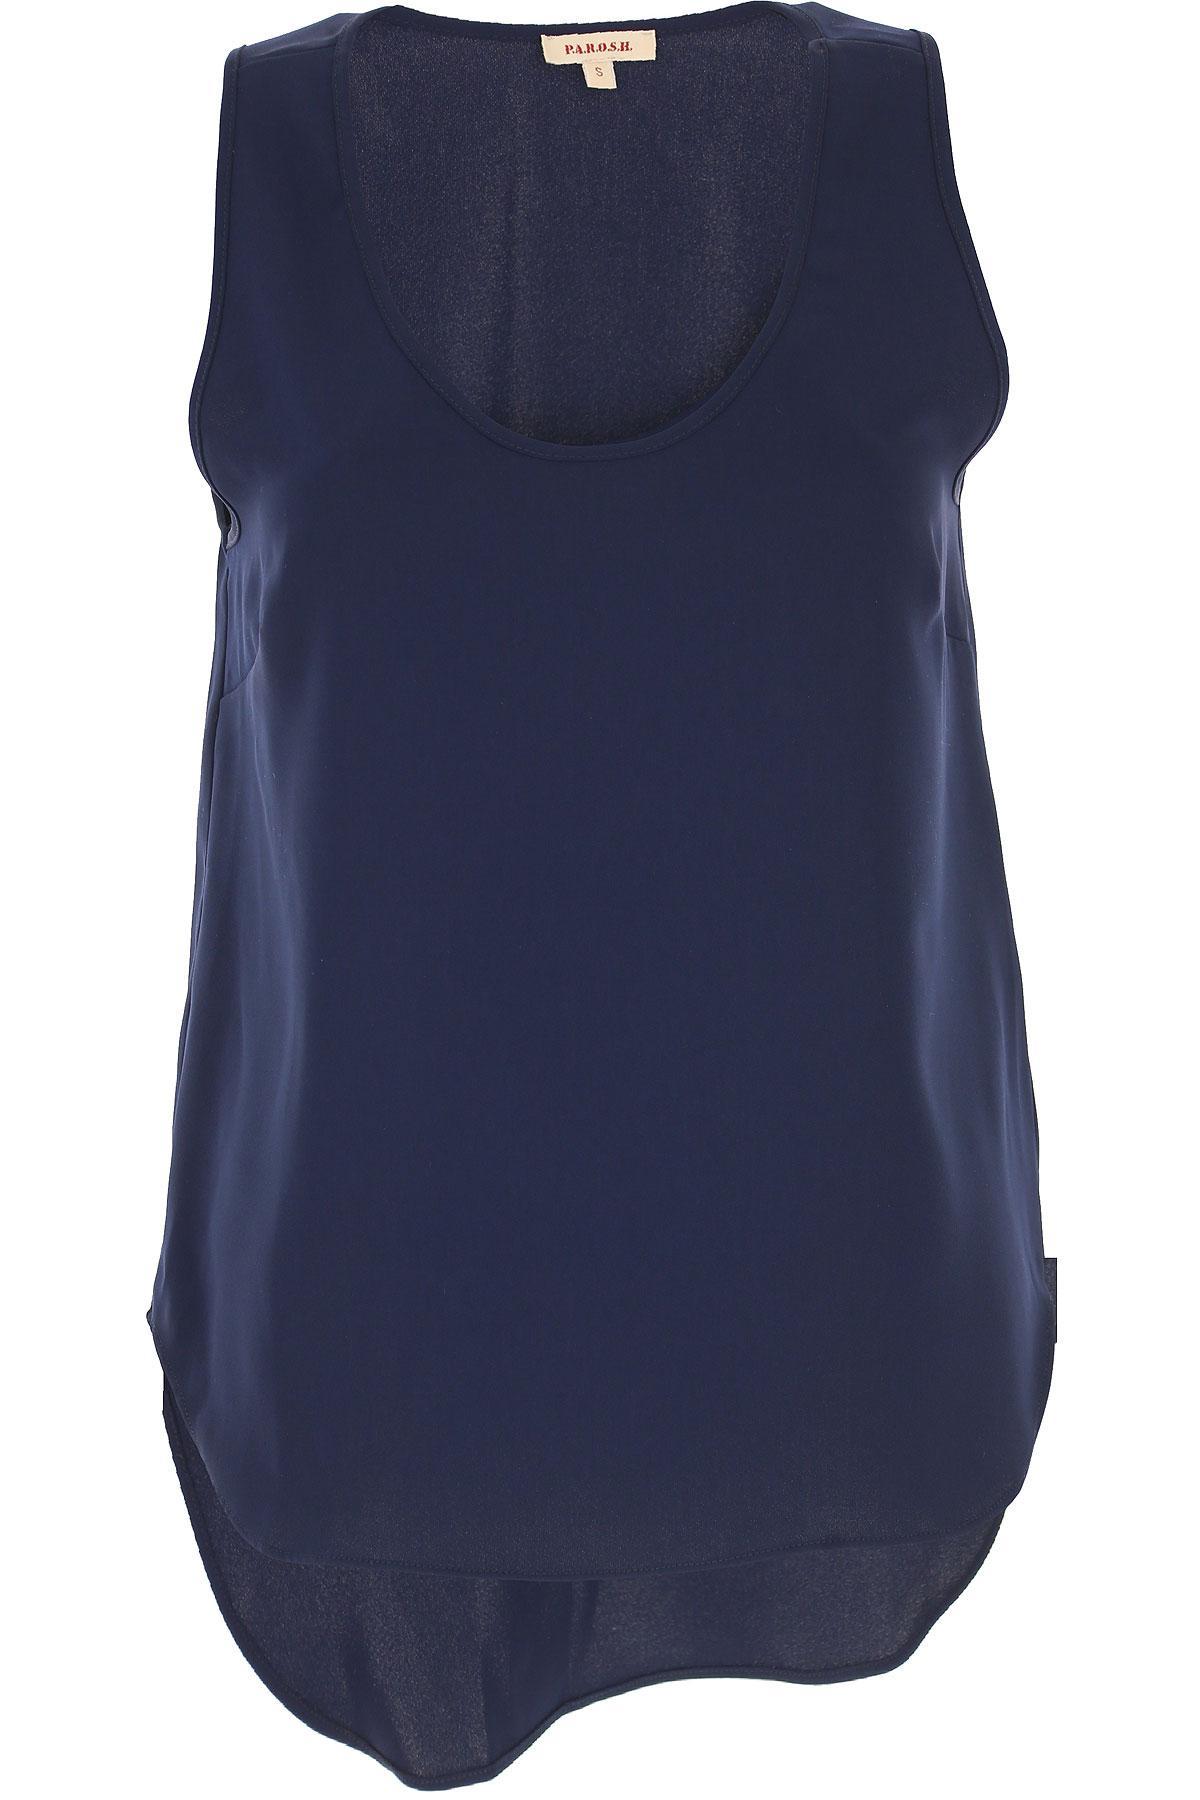 Lyst - P.A.R.O.S.H. Top For Women On Sale In Outlet in Blue 0a5b442a03e